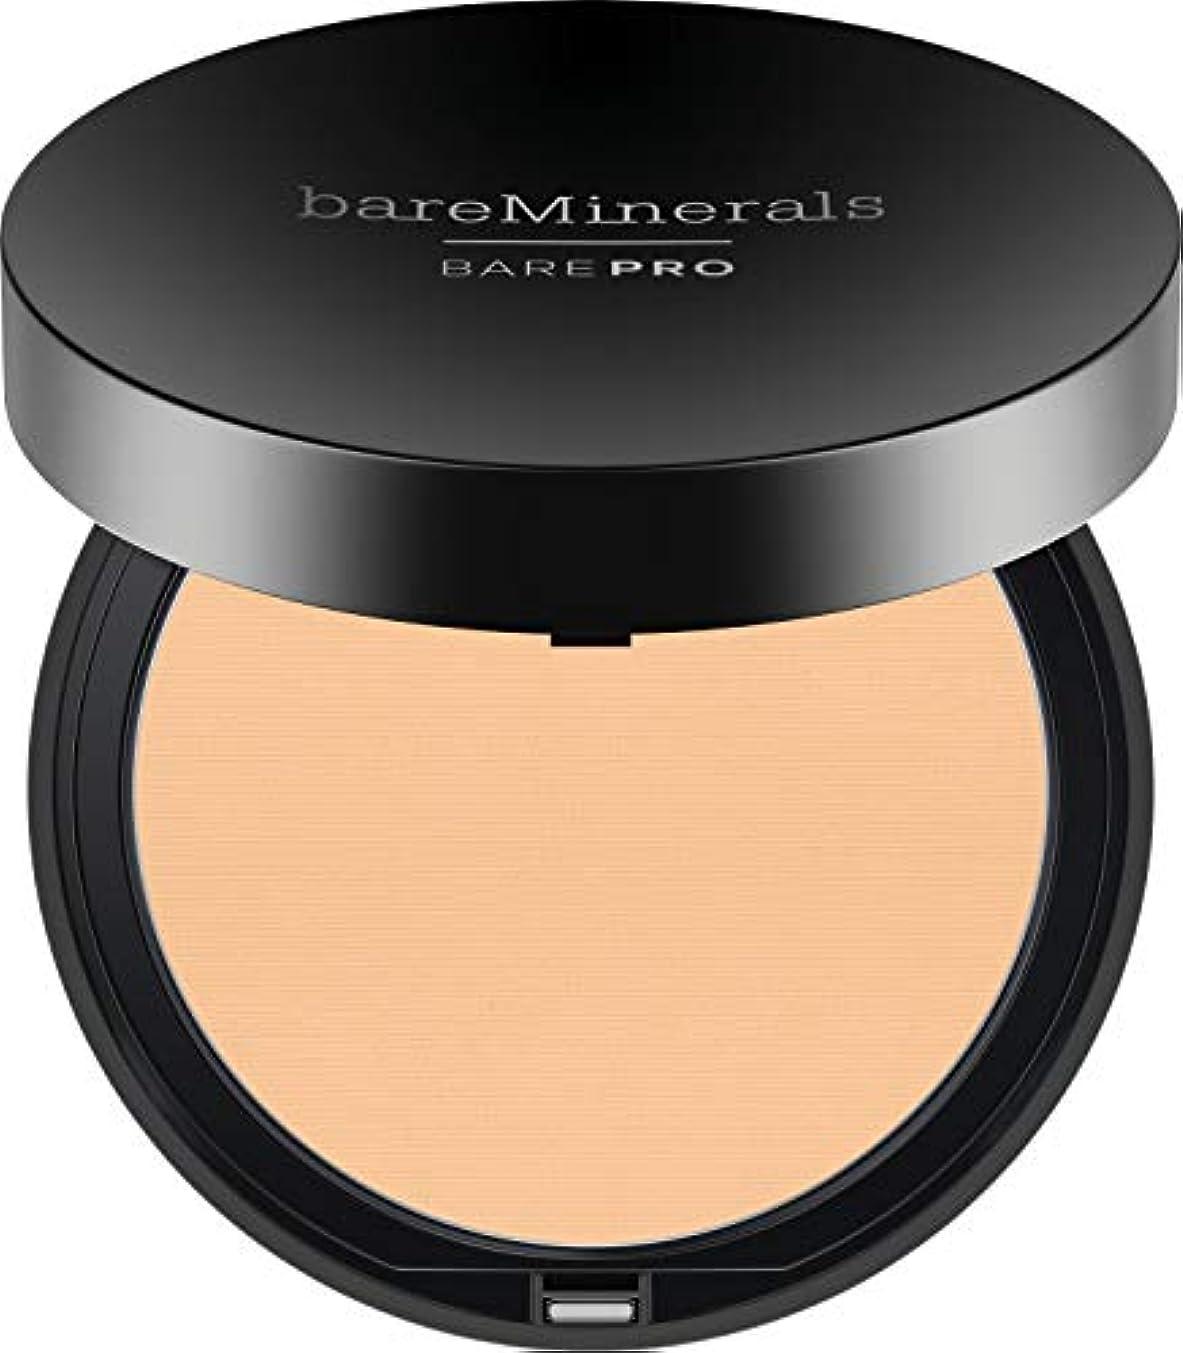 としてペンストラップベアミネラル BarePro Performance Wear Powder Foundation - # 07 Warm Light 10g/0.34oz並行輸入品